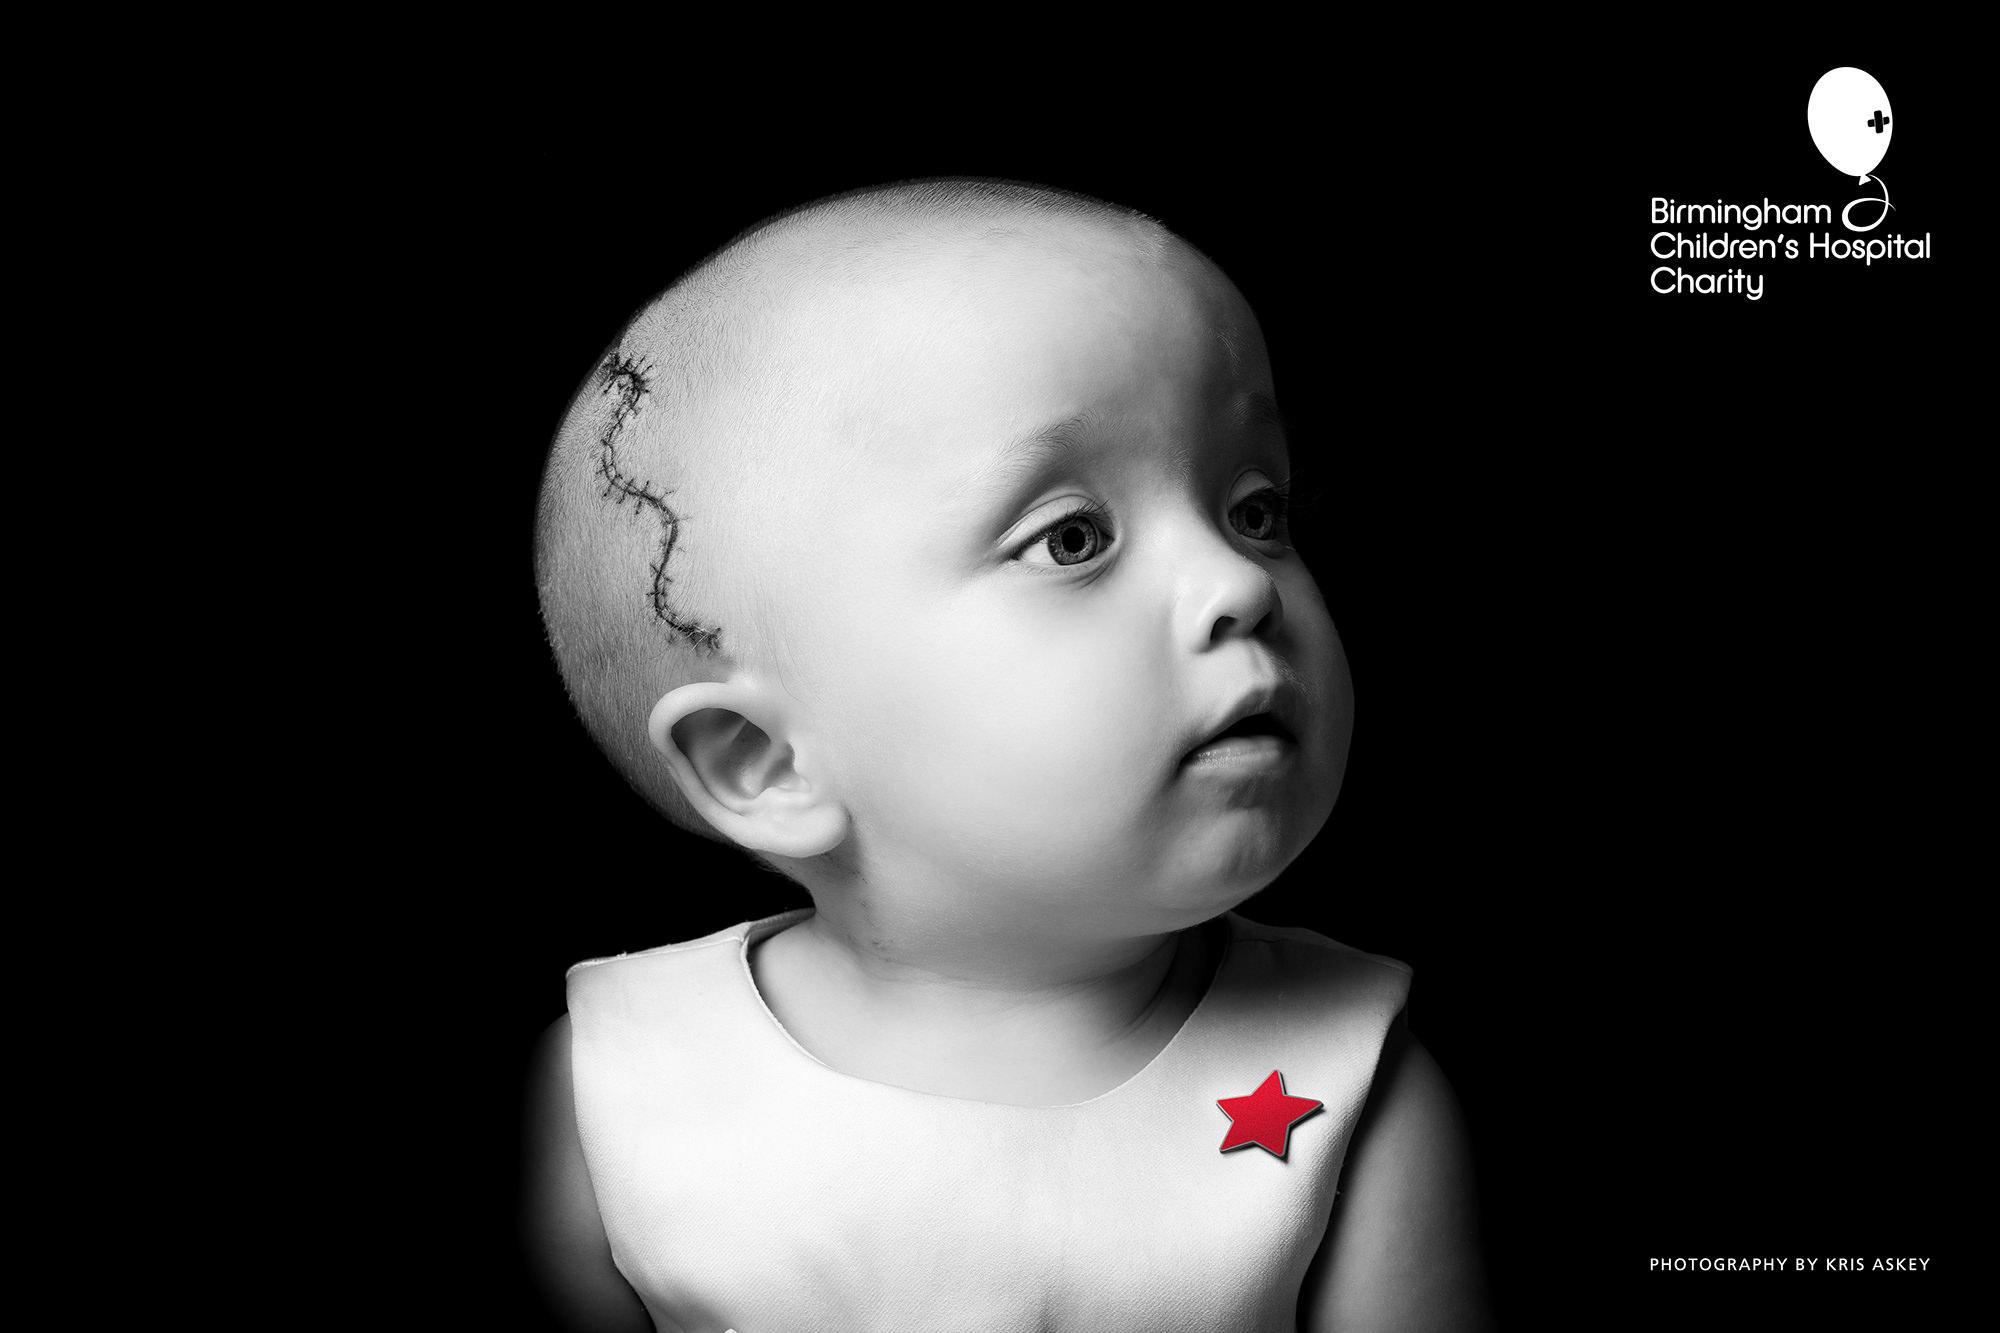 BCH-StarsOfSteelhouseLane-Exhibition-1865mmx1220mm18.jpg